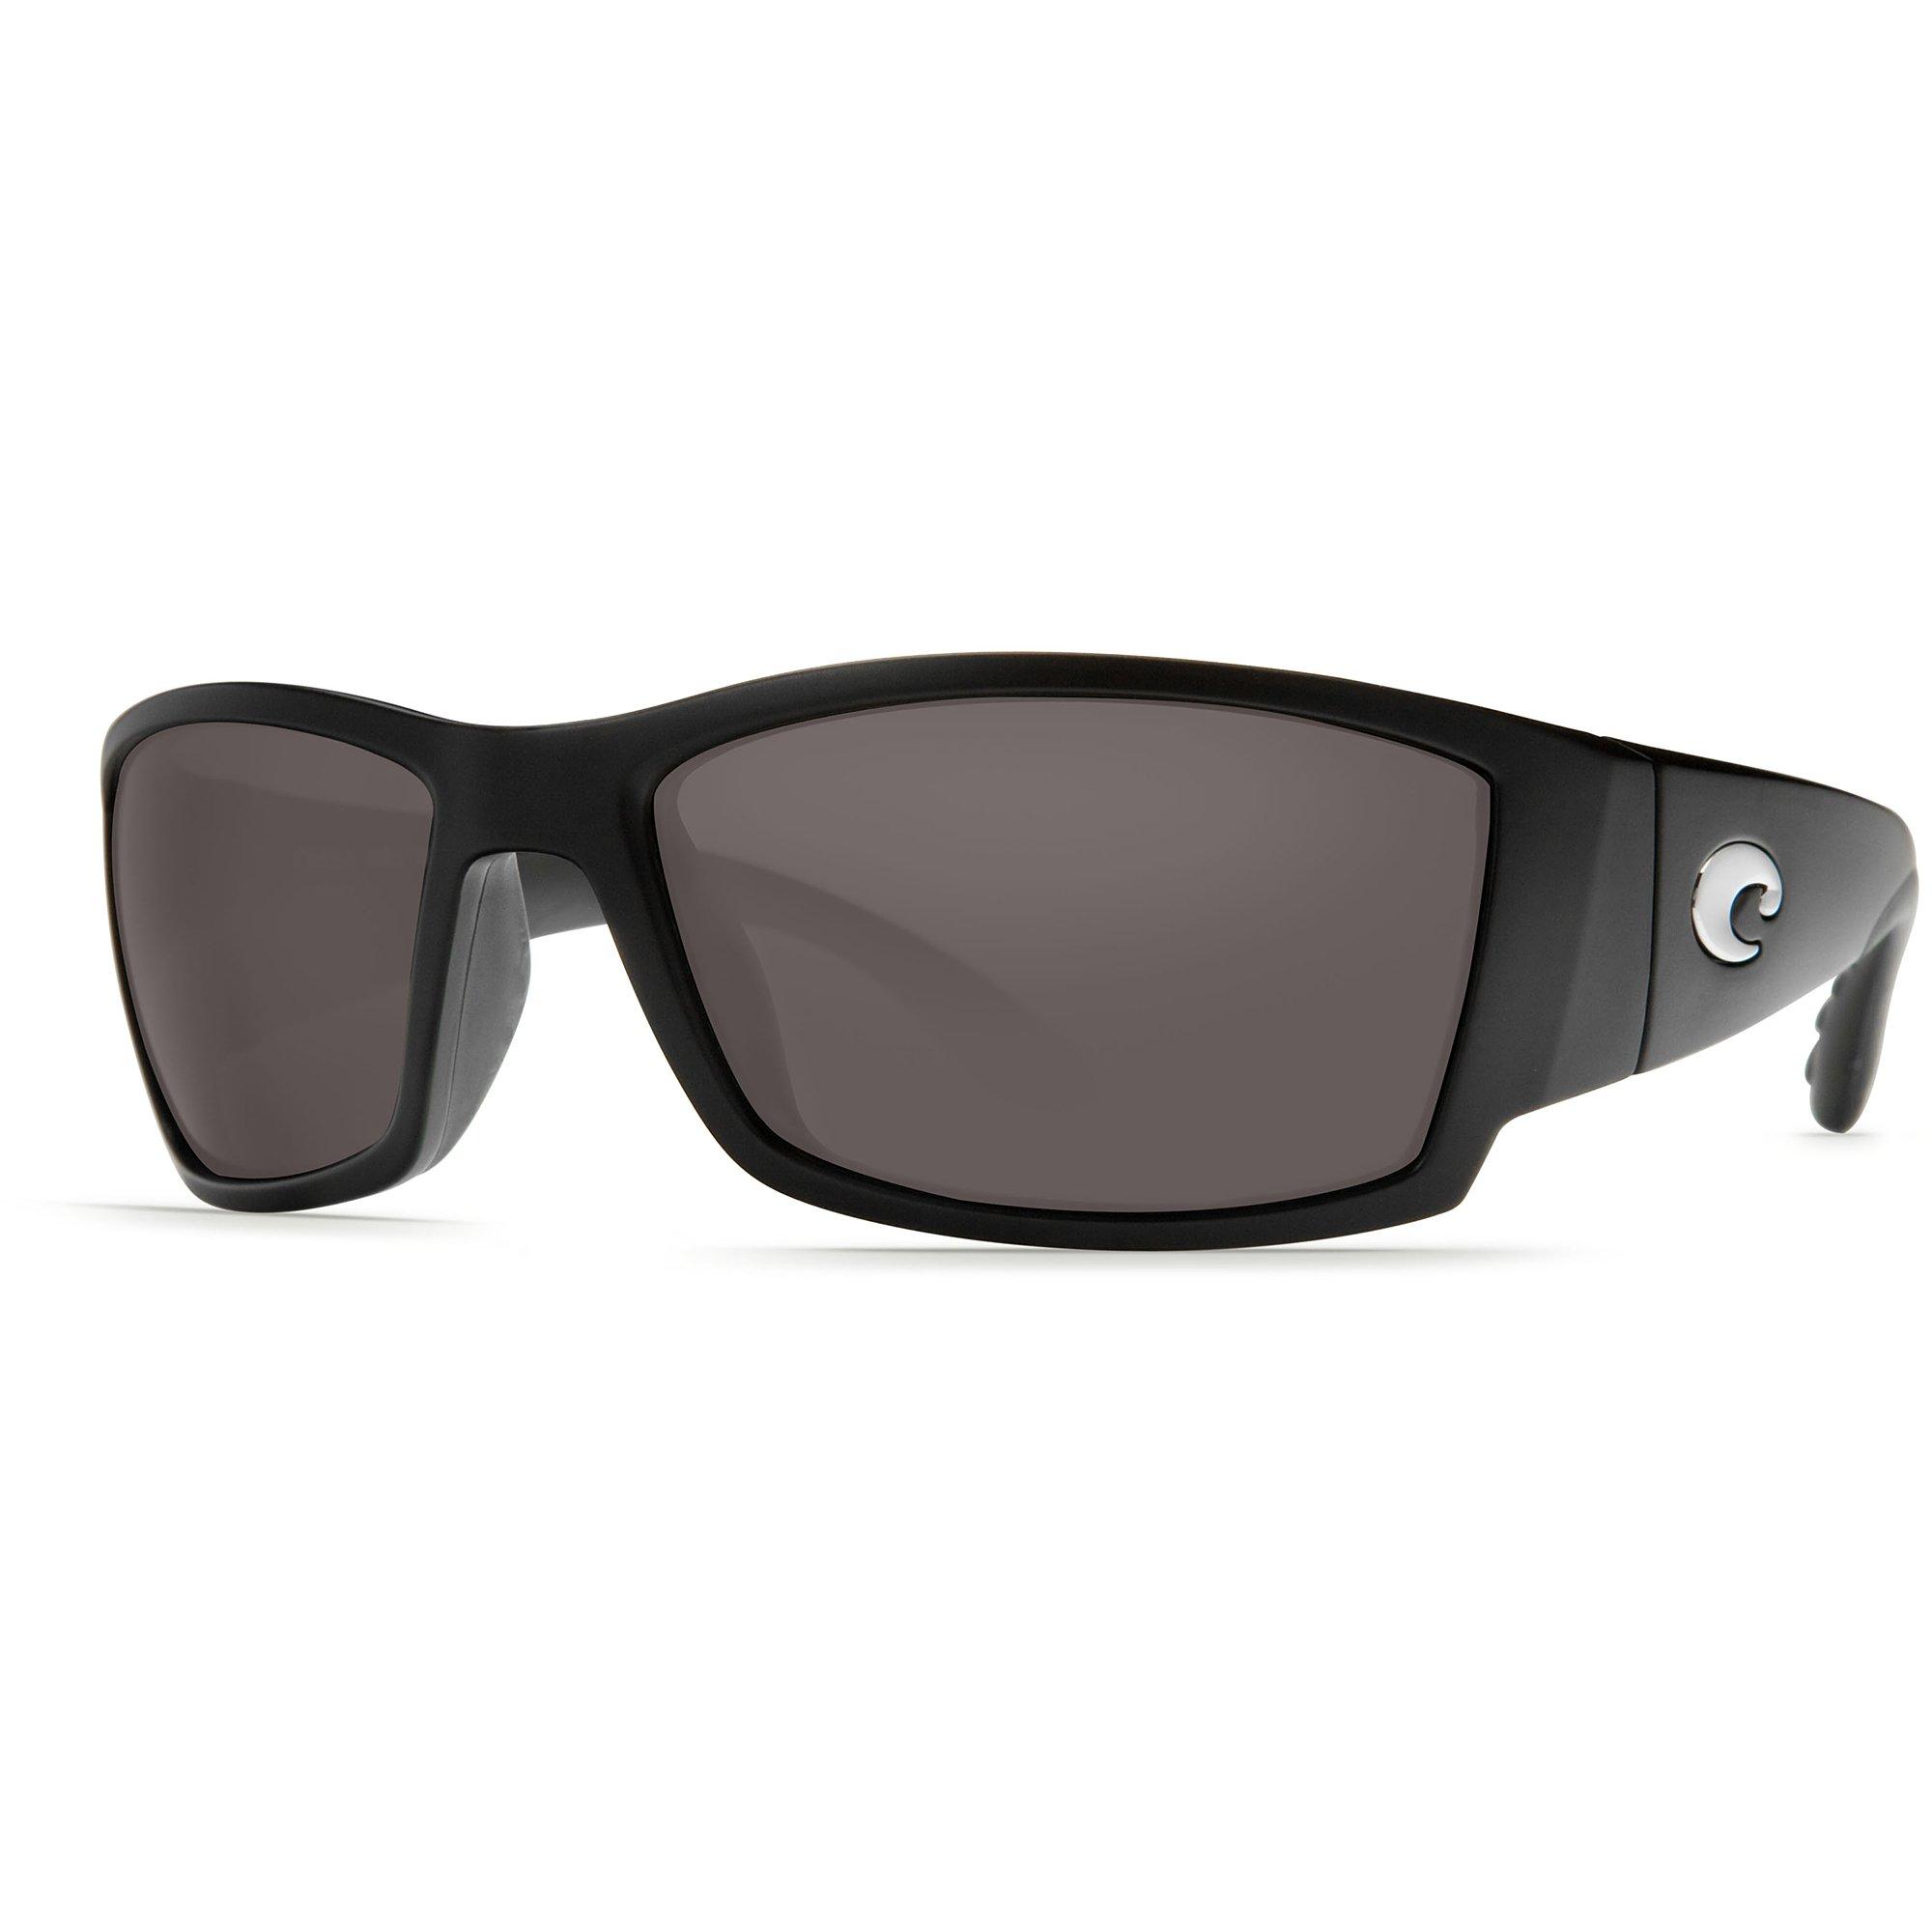 Costa Del Mar Corbina Polarized Sunglasses, Black, Gray 580Plastic